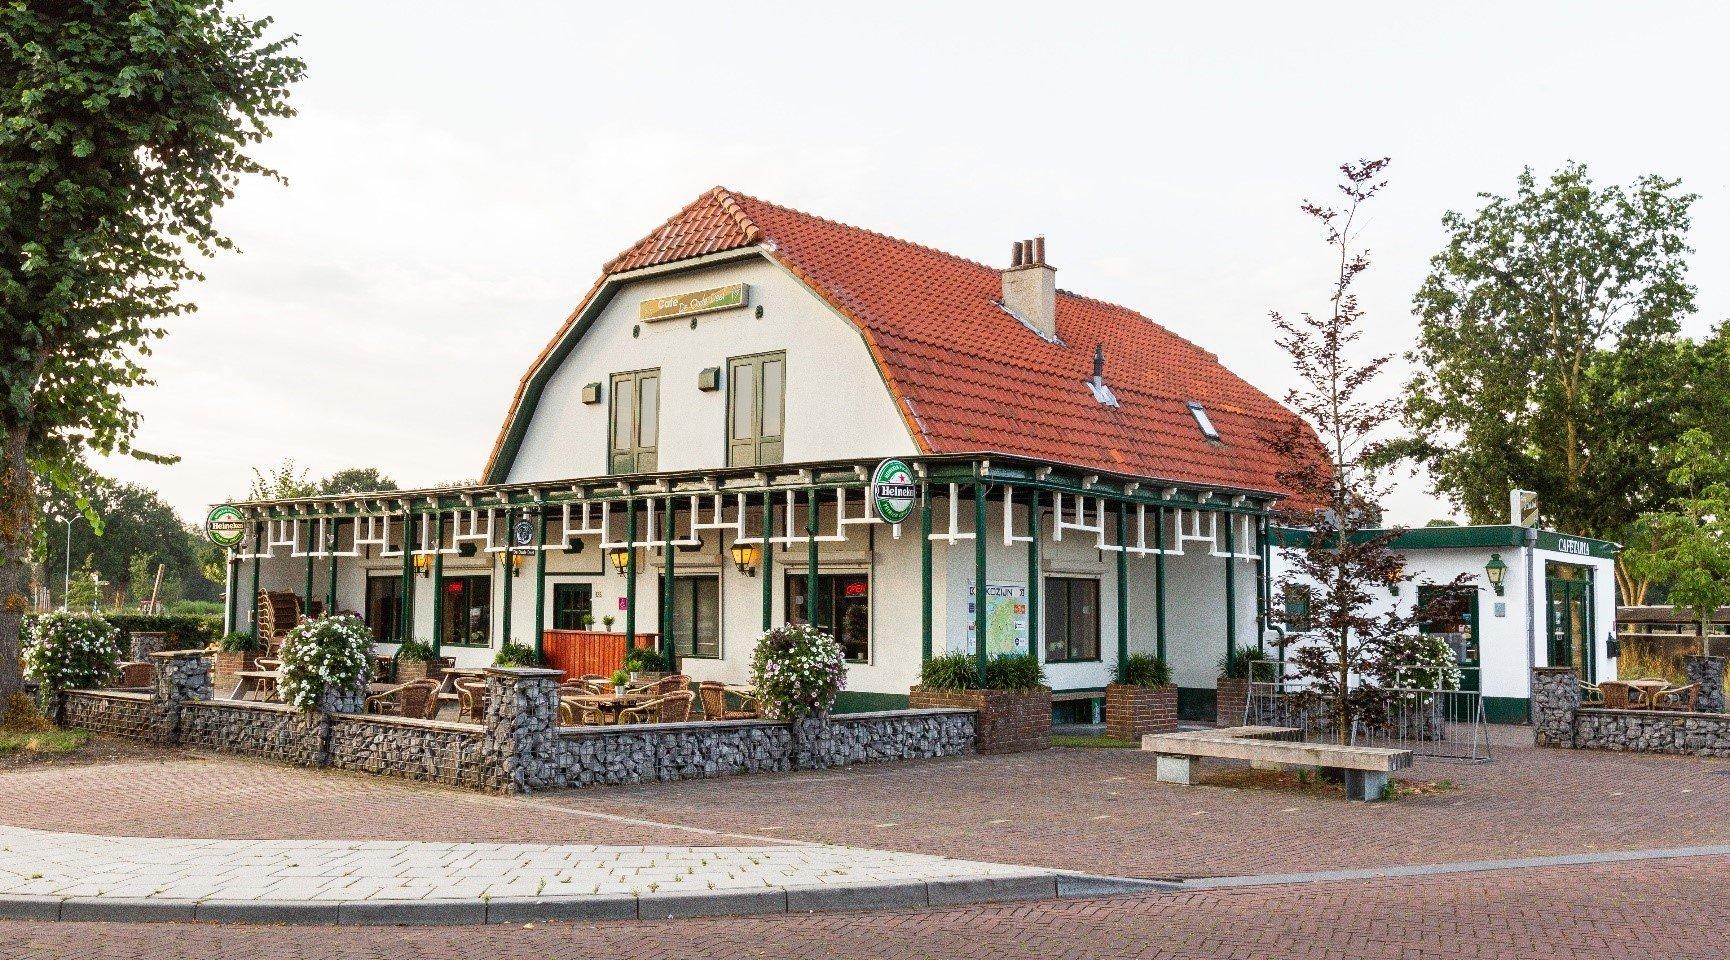 Snackbar Putten